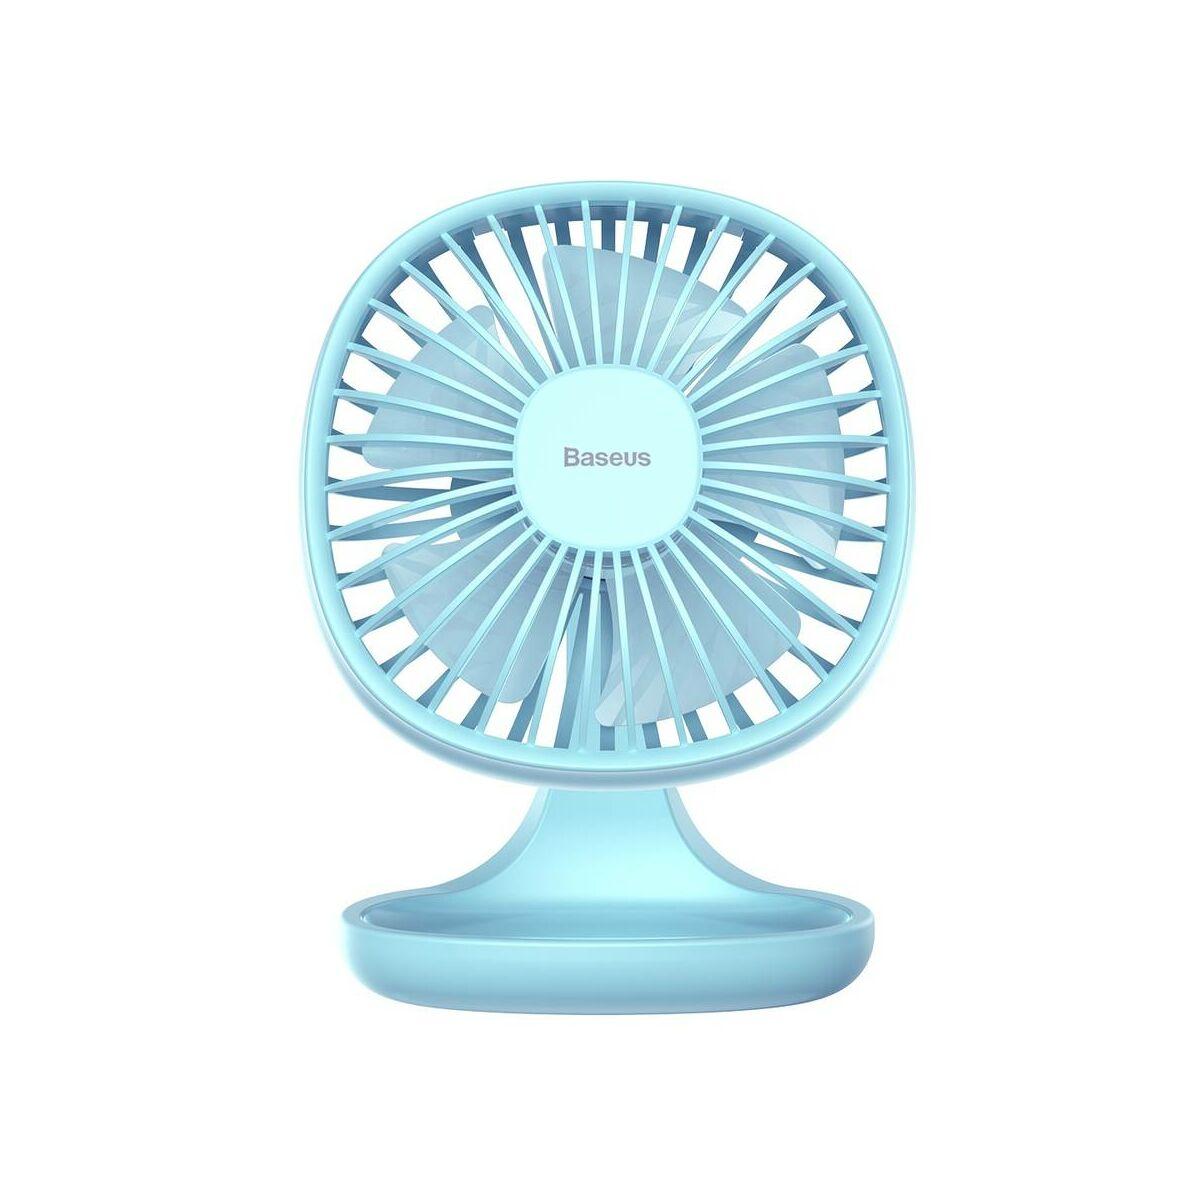 Baseus otthon, Pudding-Shaped asztali ventilátor, kék (CXBD-15)